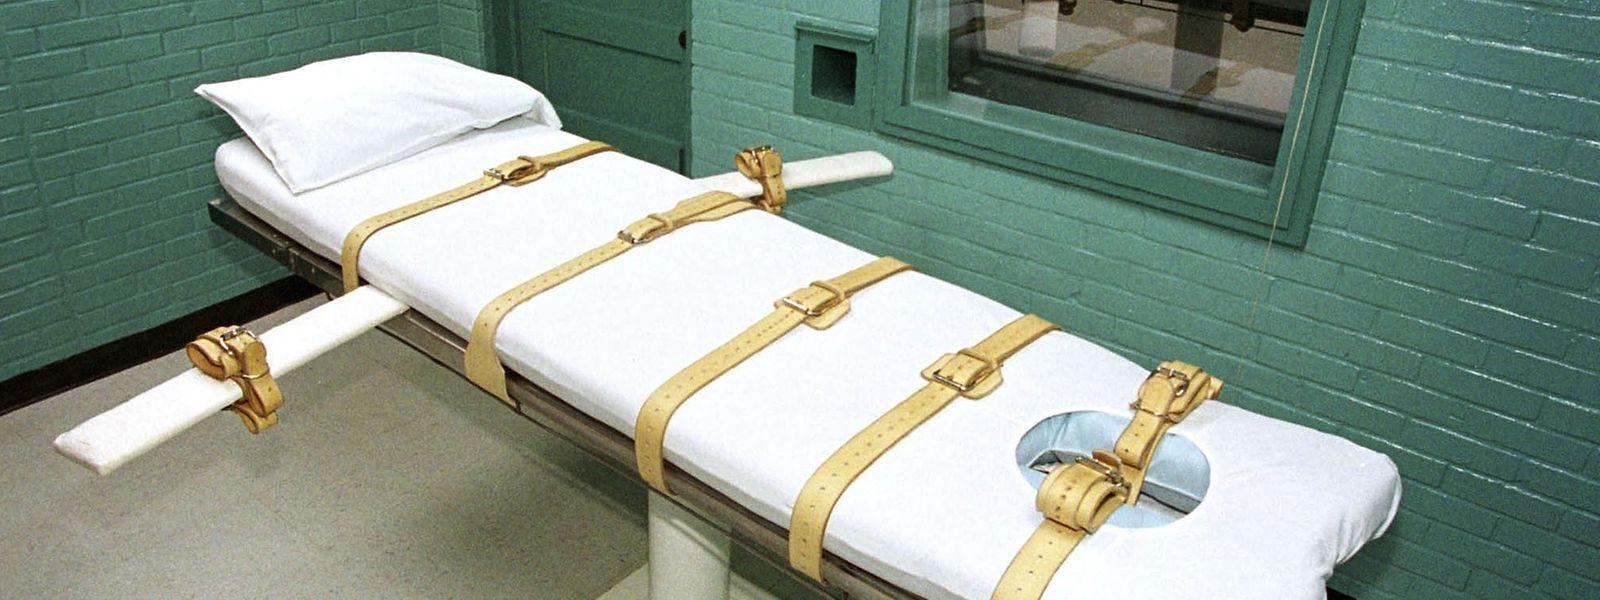 """Die Richter im US-Staat Washington nannten die Todesstrafe """"willkürlich und rassistisch""""."""